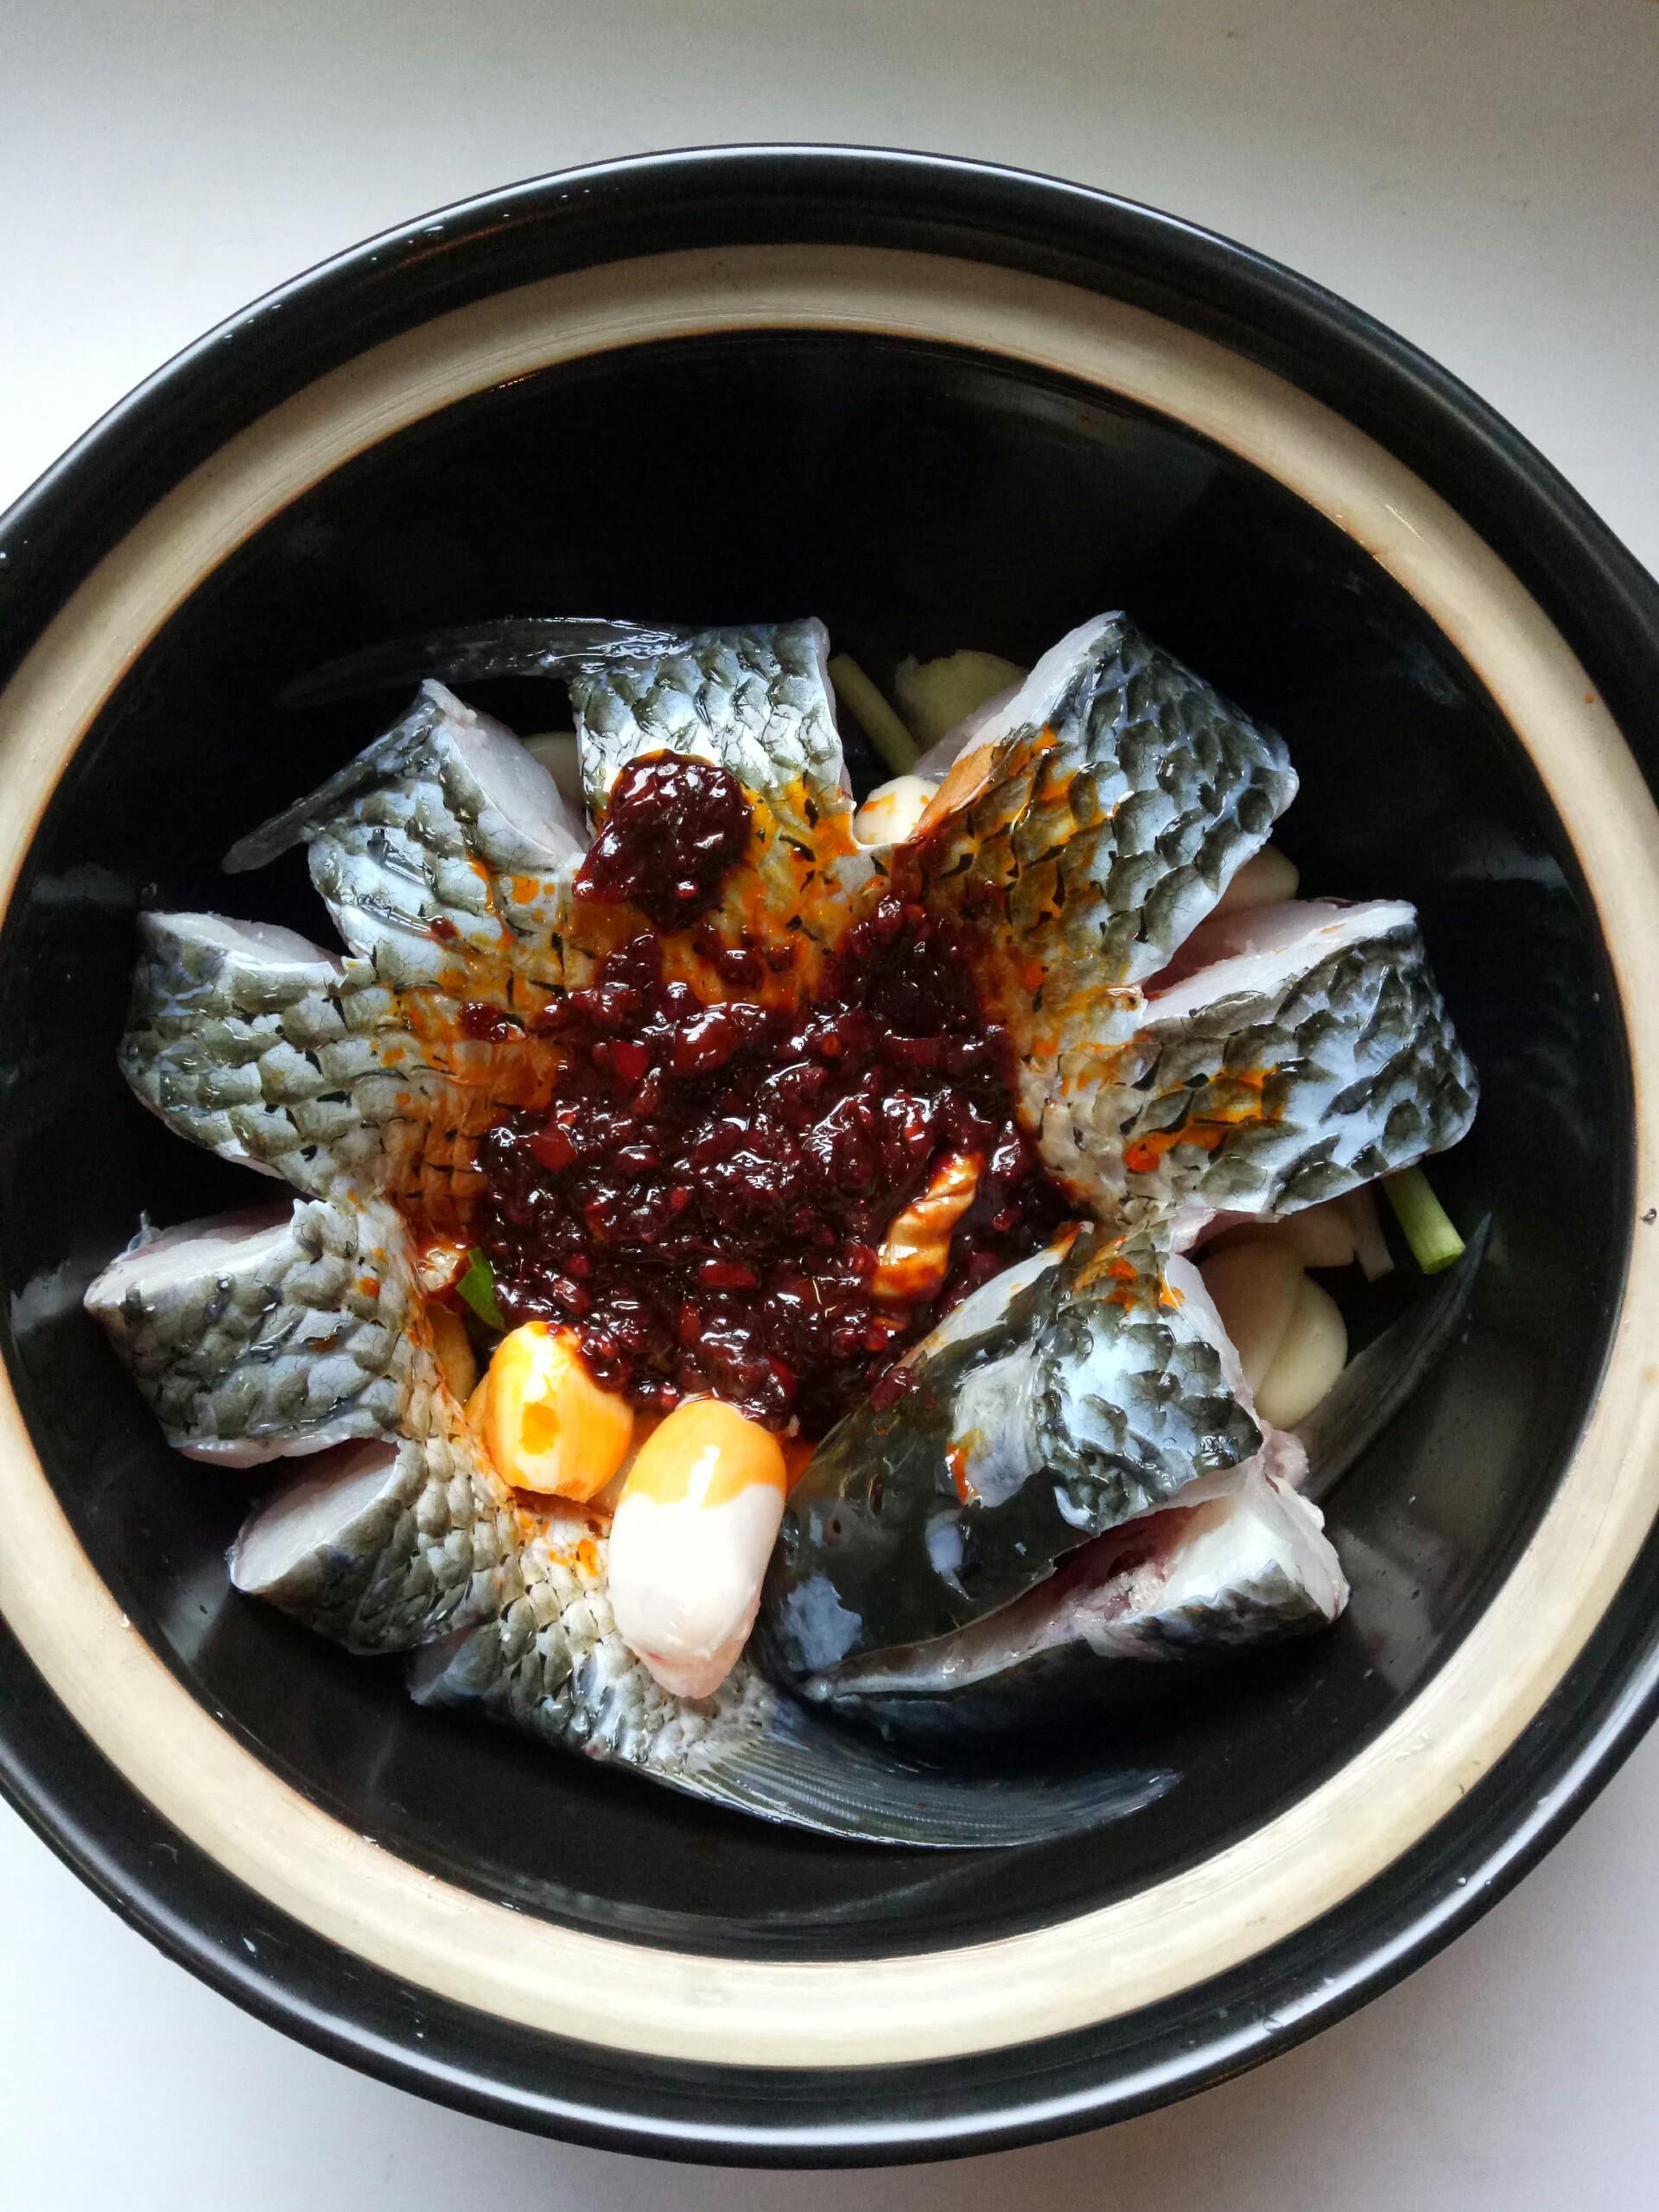 砂锅青鱼的做法步骤